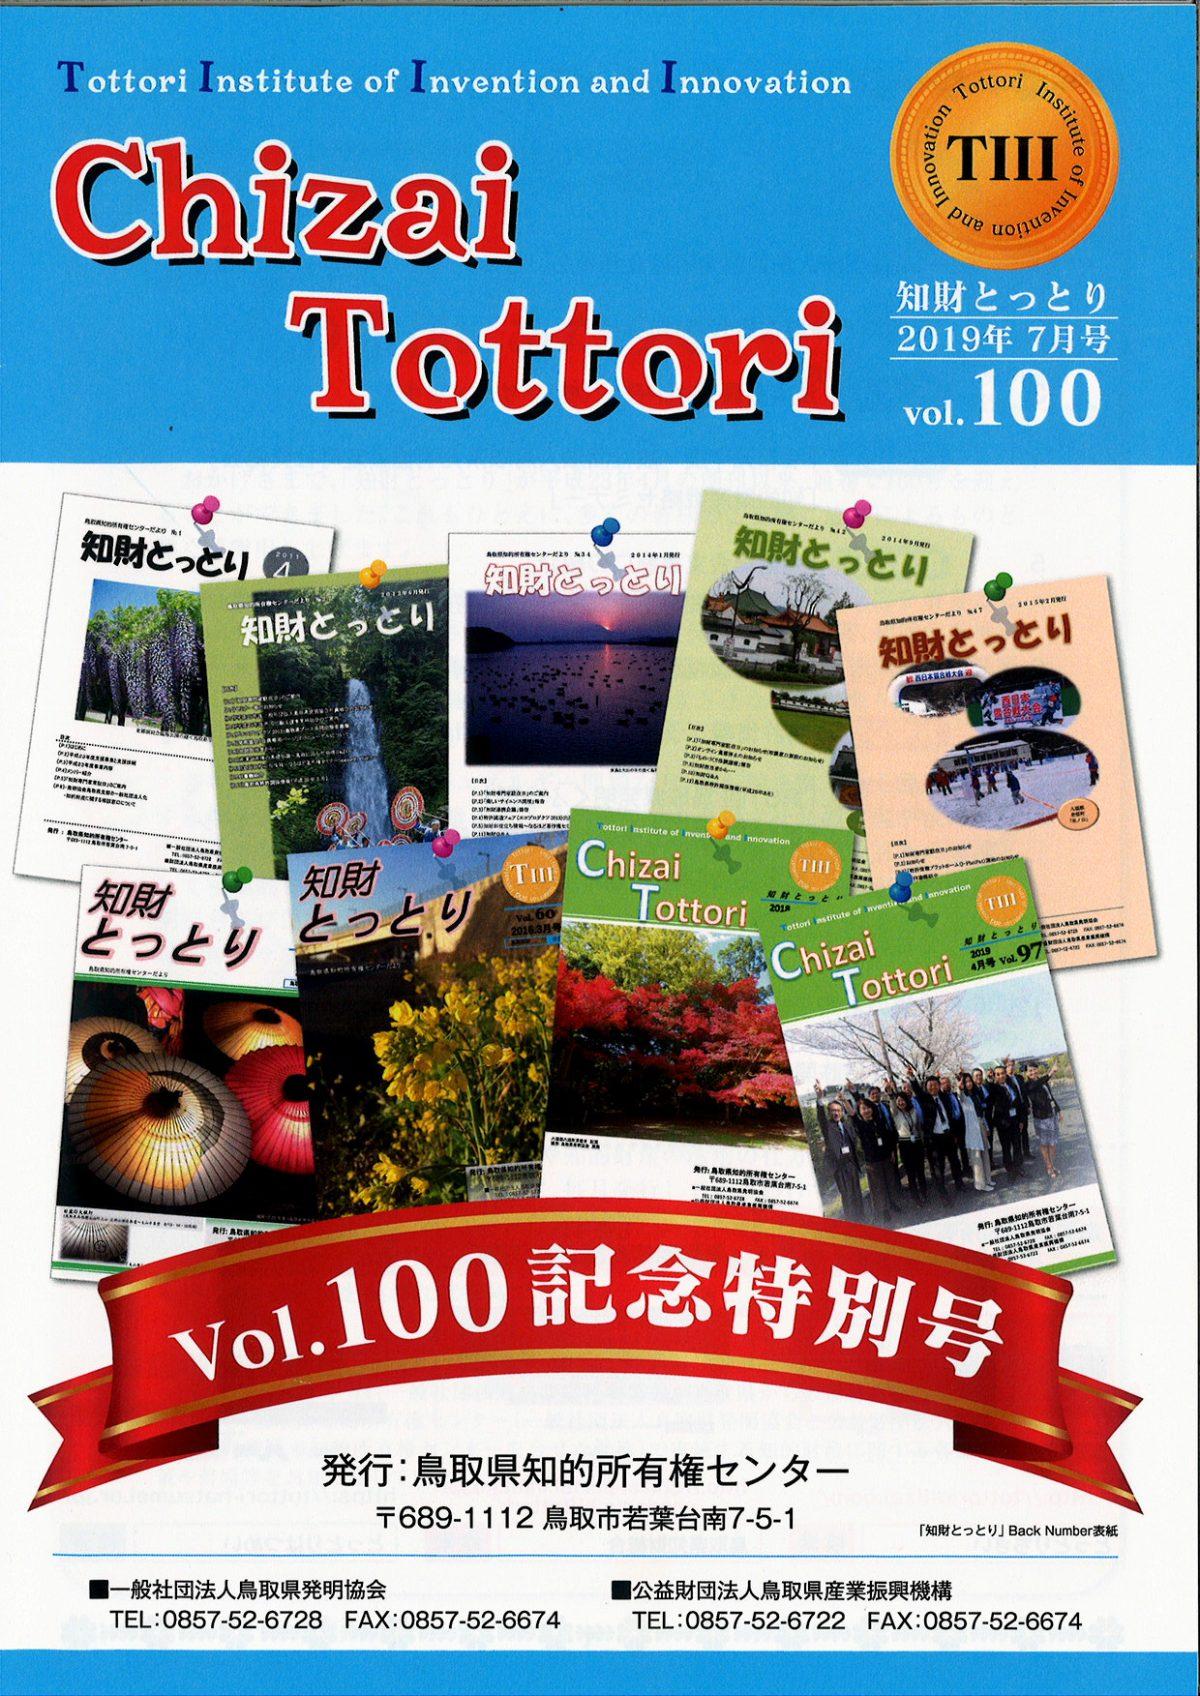 知財とっとり2019.7月号Vol.100を発行しました